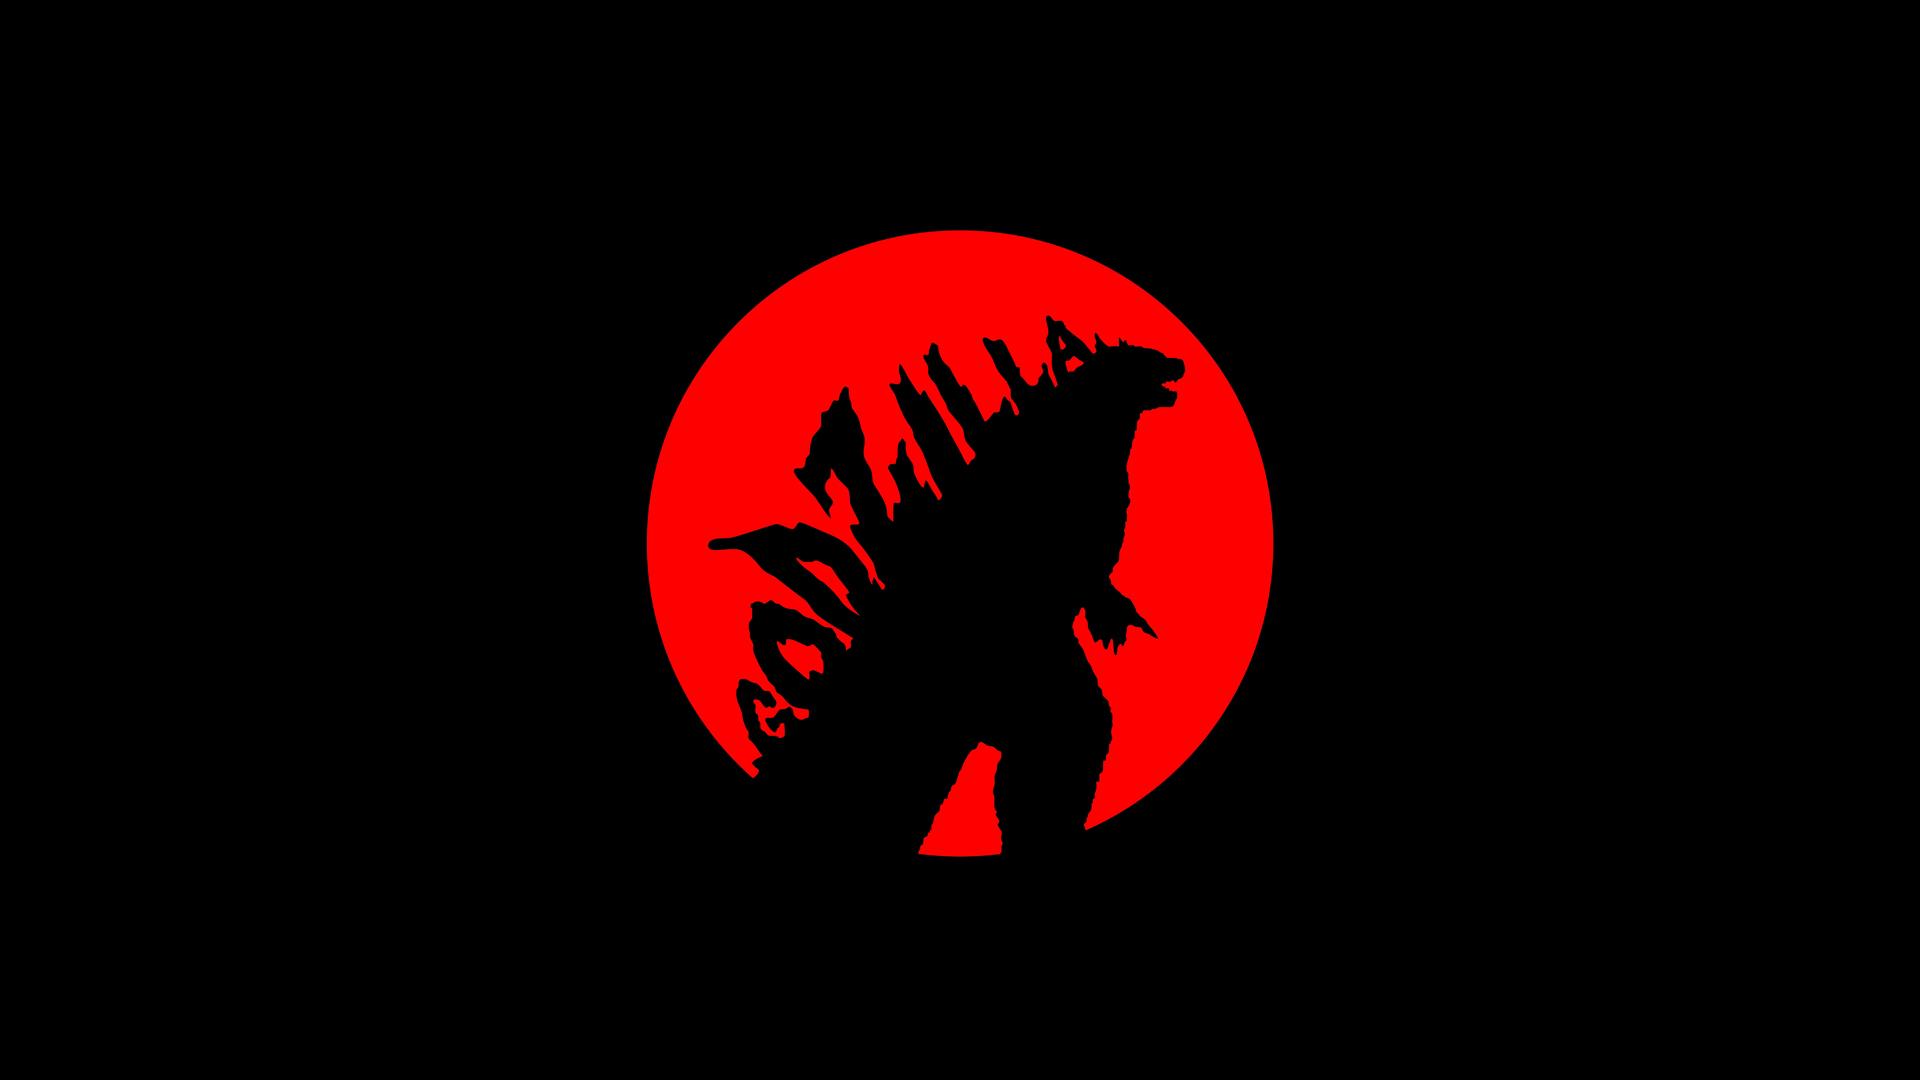 Godzilla 2014 Simple 07 Wallpaper HD 1920x1080